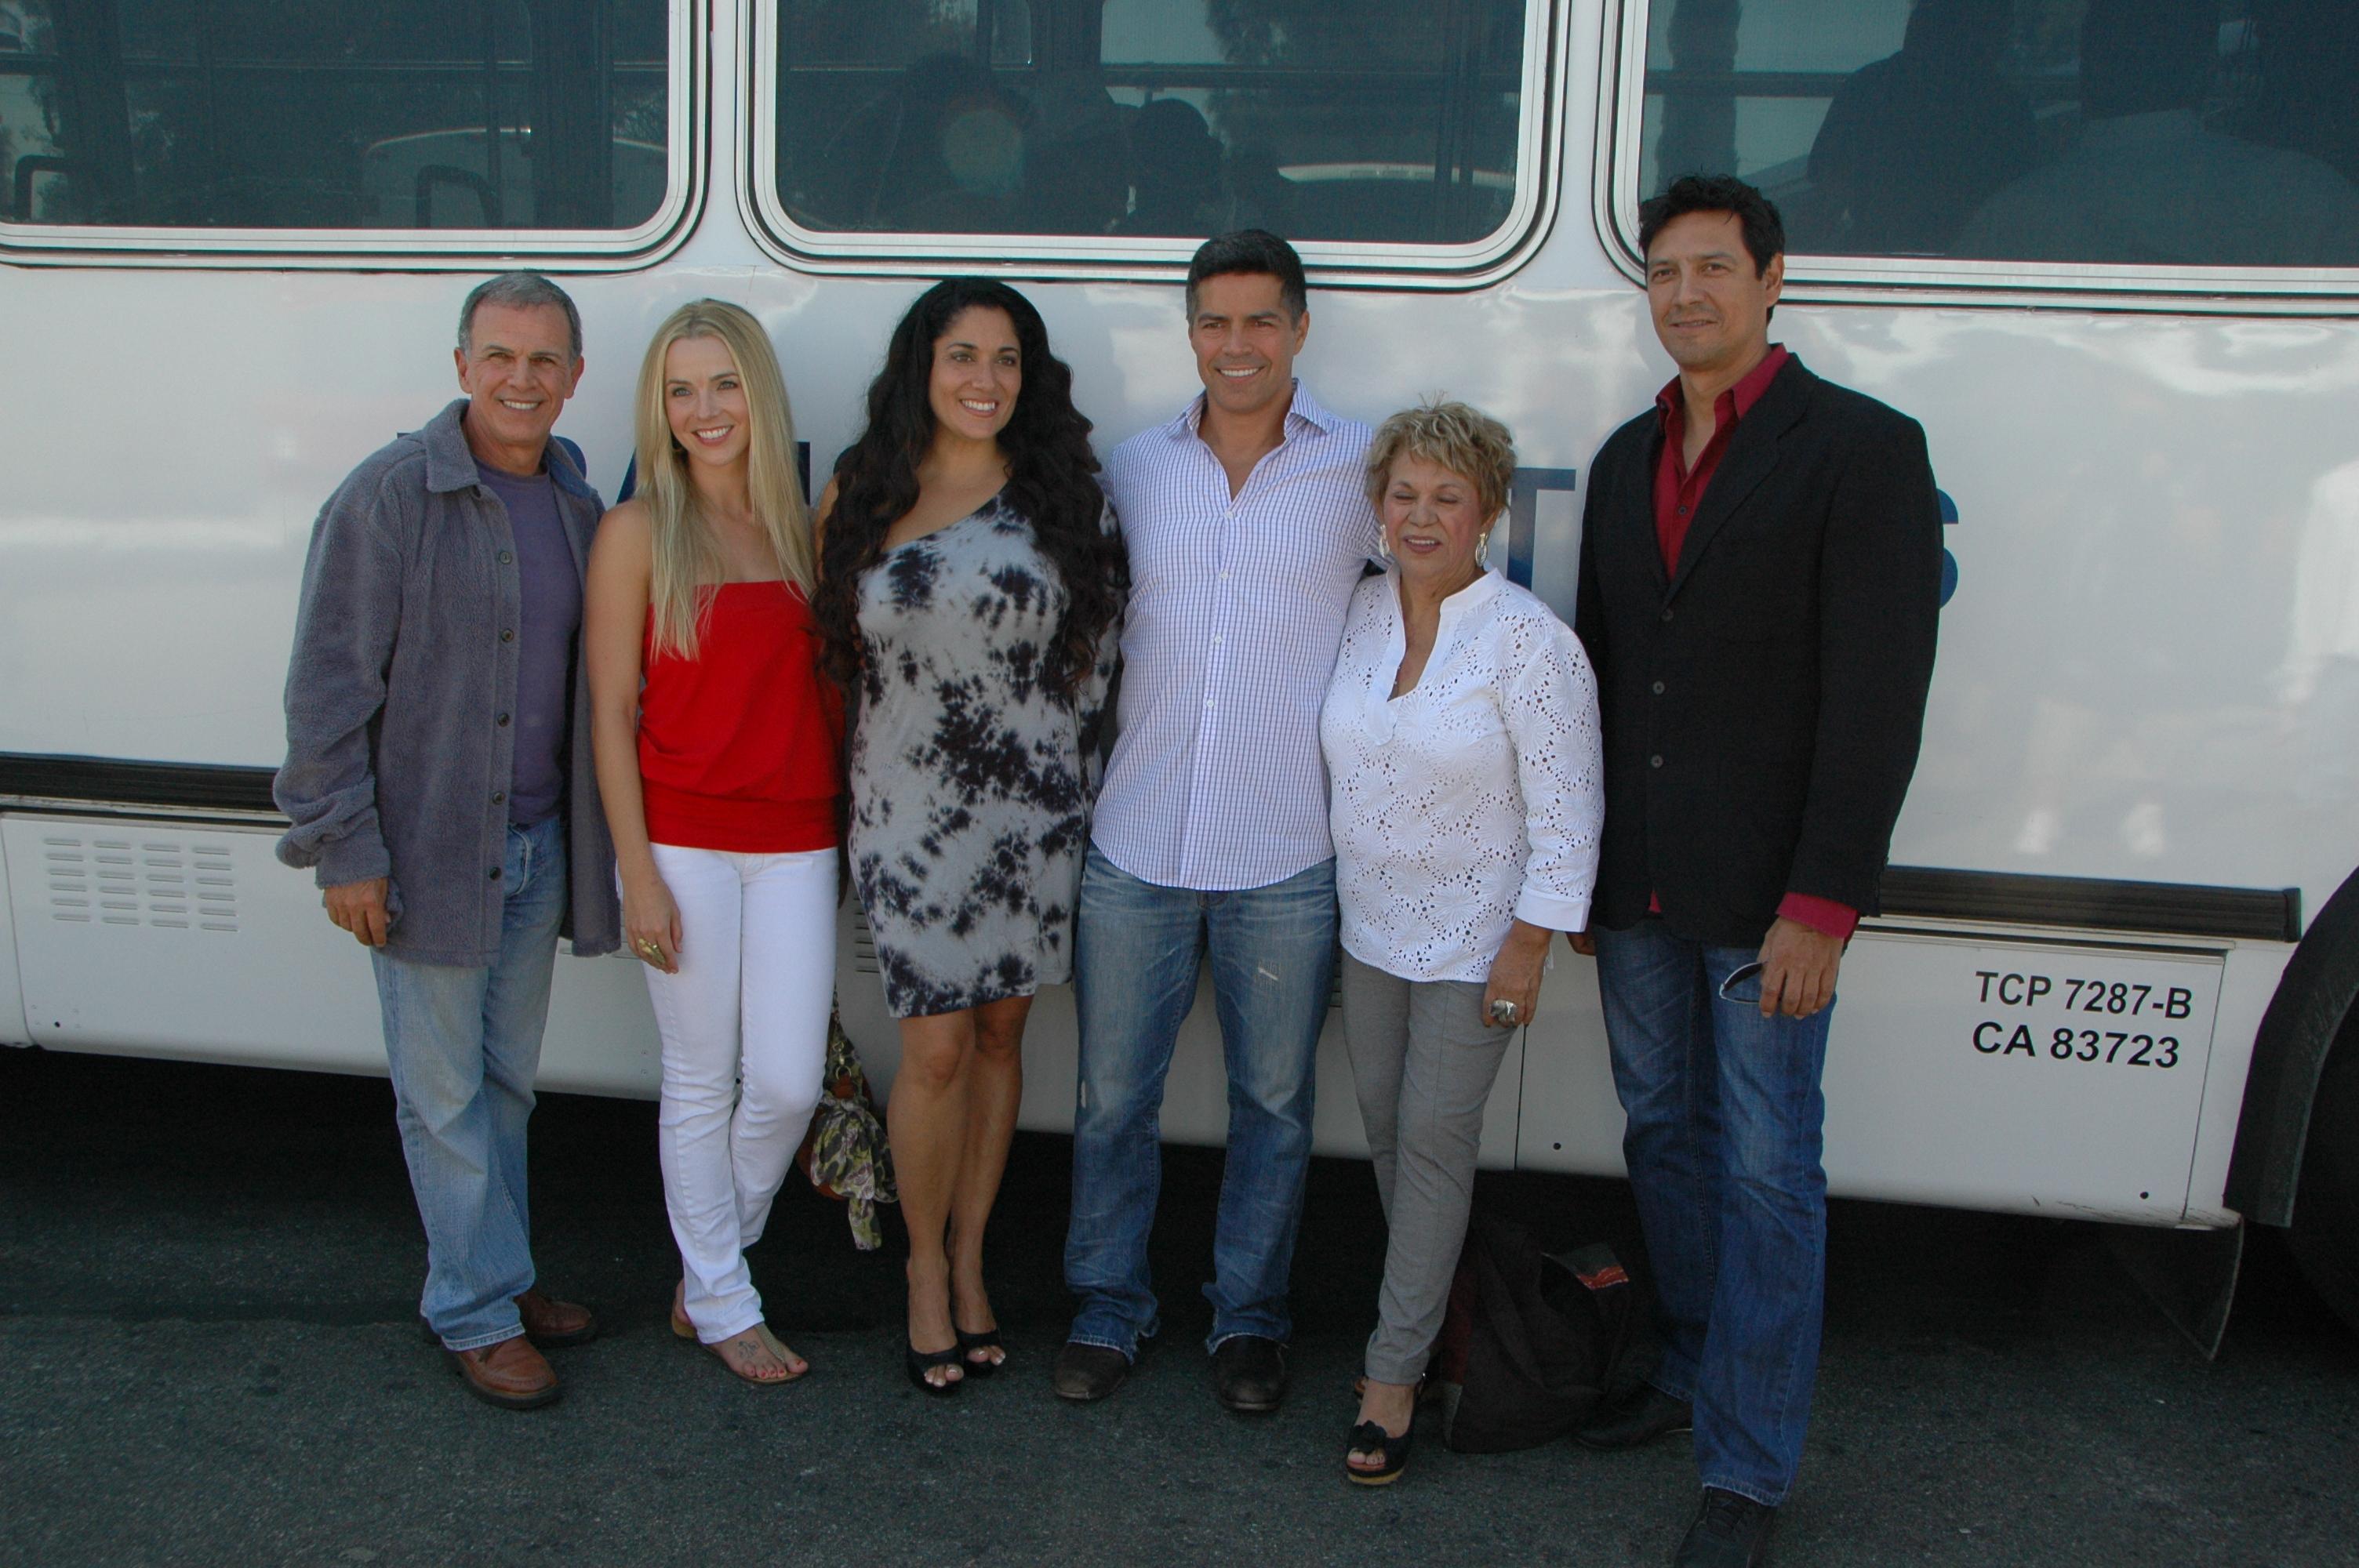 El elenco de Los Americans recargados en uno de los autobuses de Transit TV. (Foto José Ubaldo/El Pasajero)